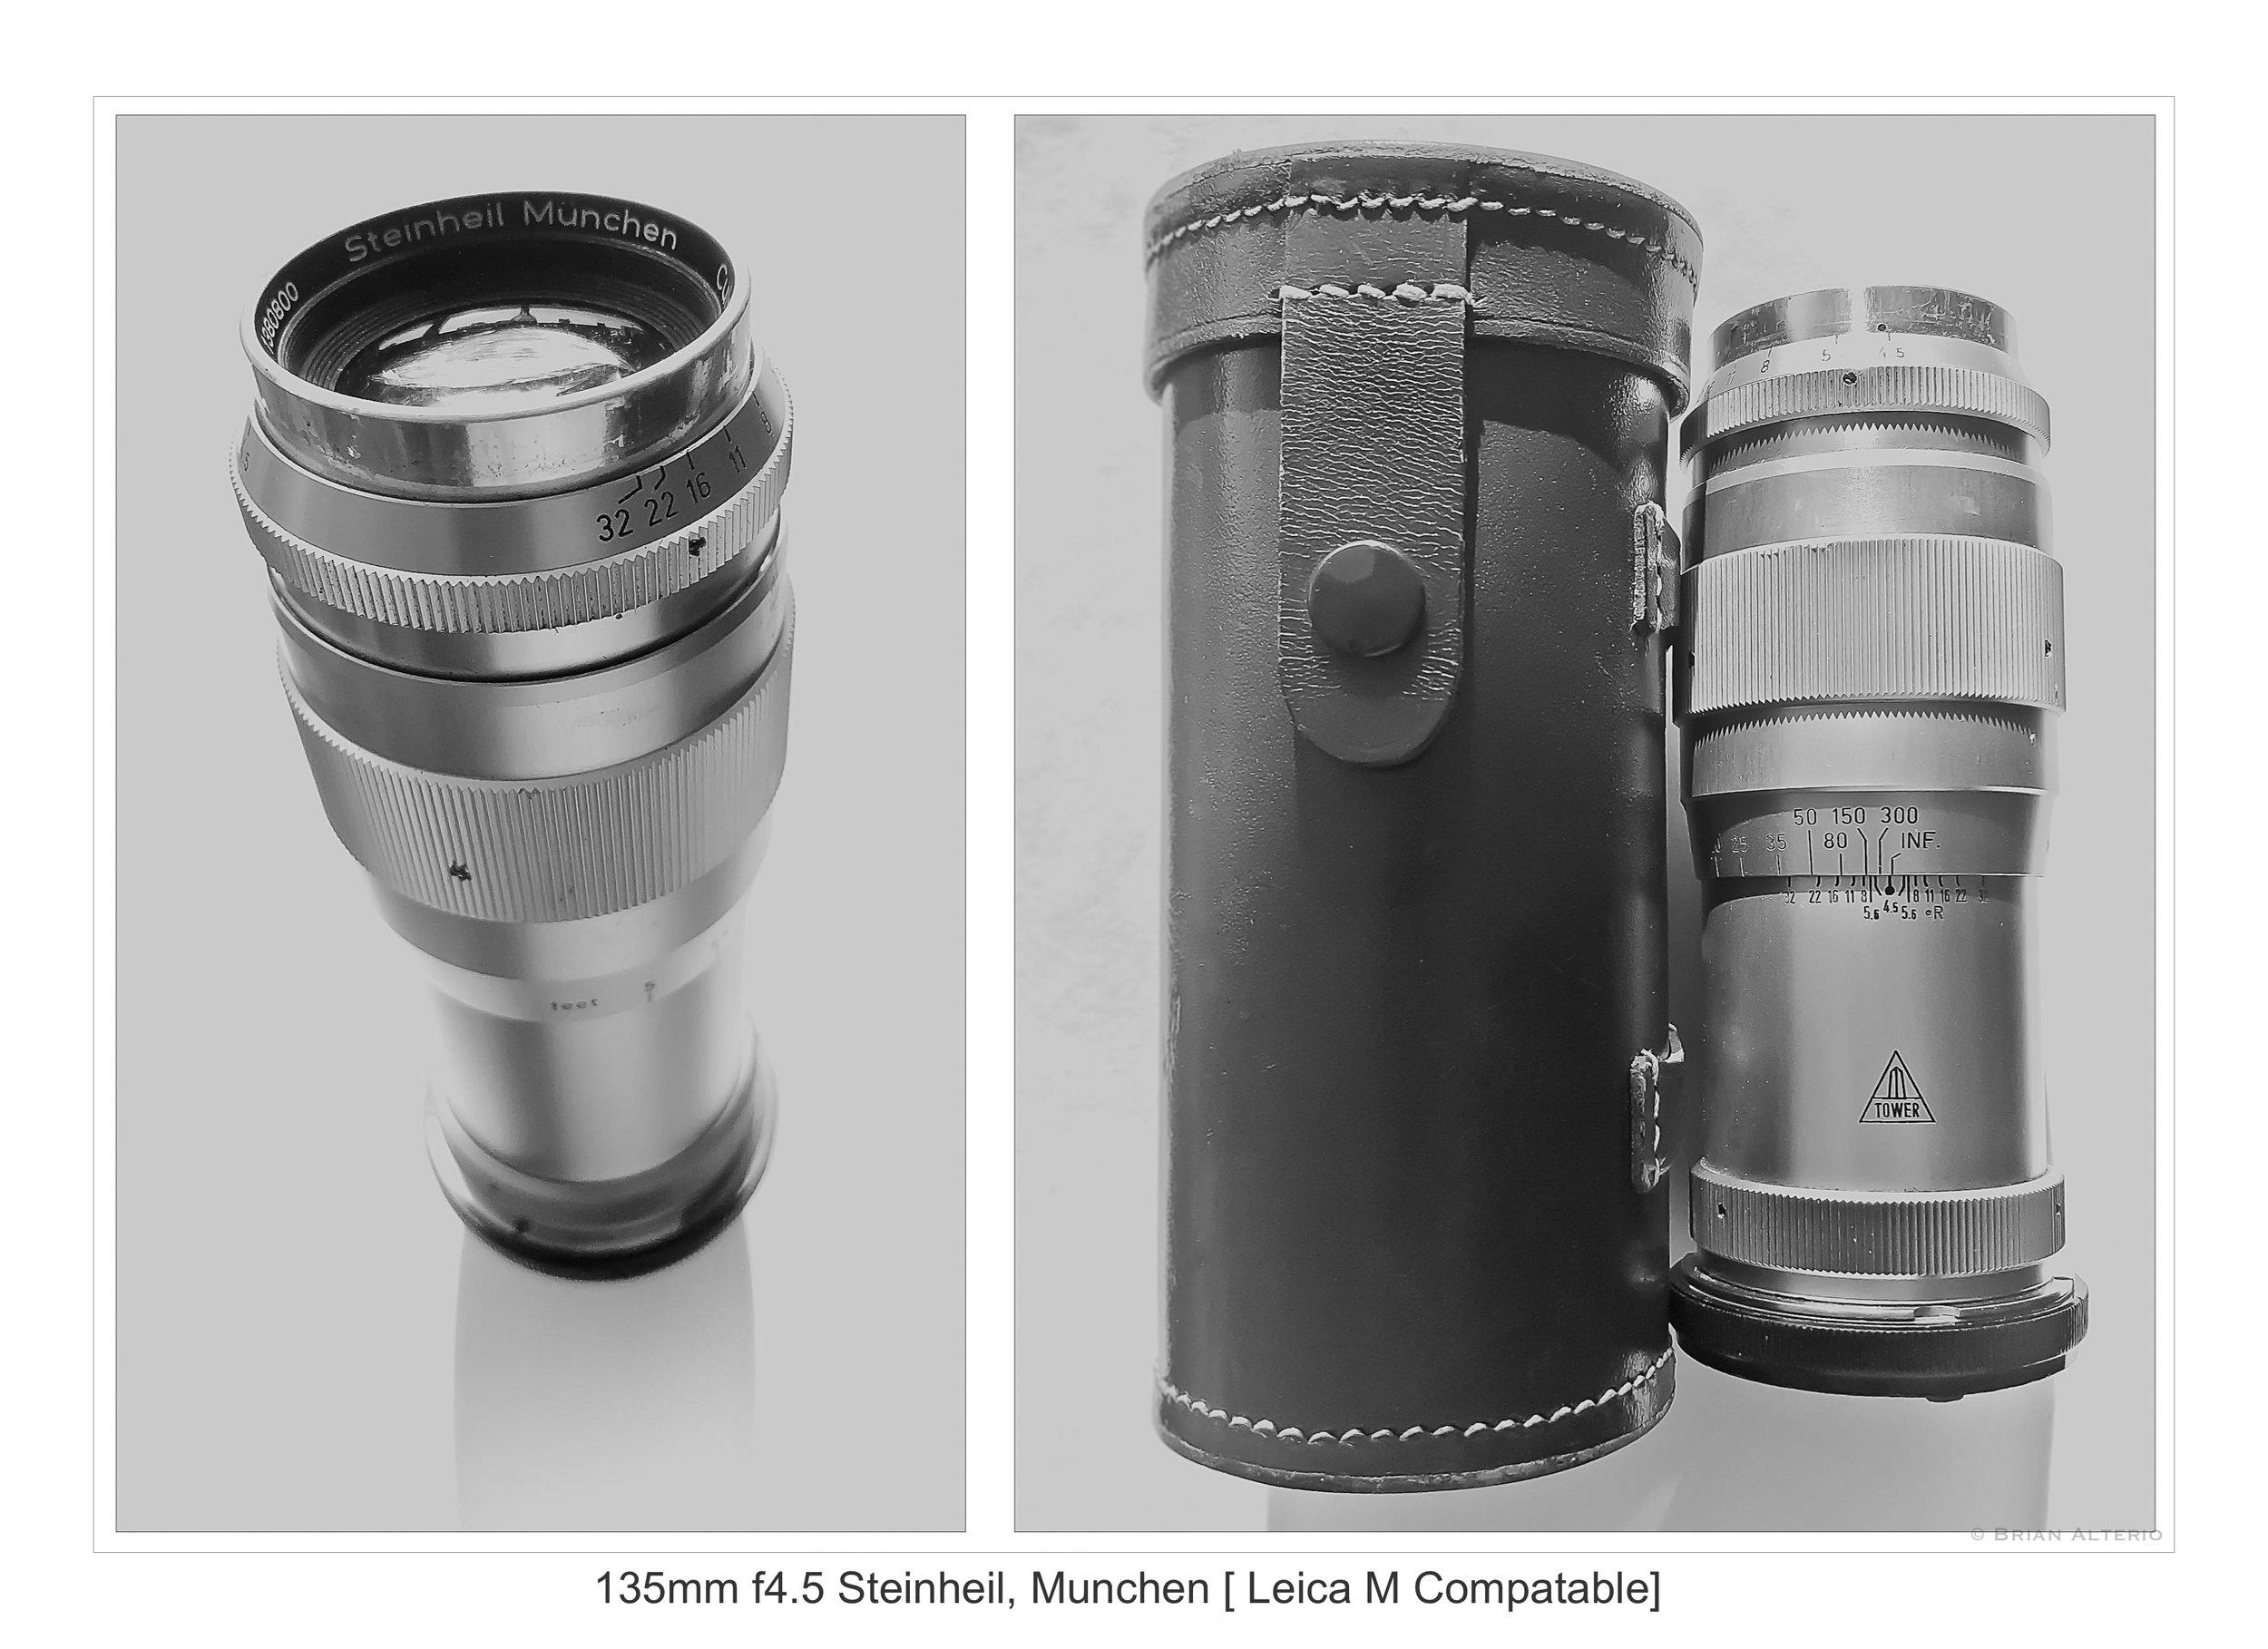 135mm f4.5 Steinheil, Munchen [ Leica M Compatable].jpg